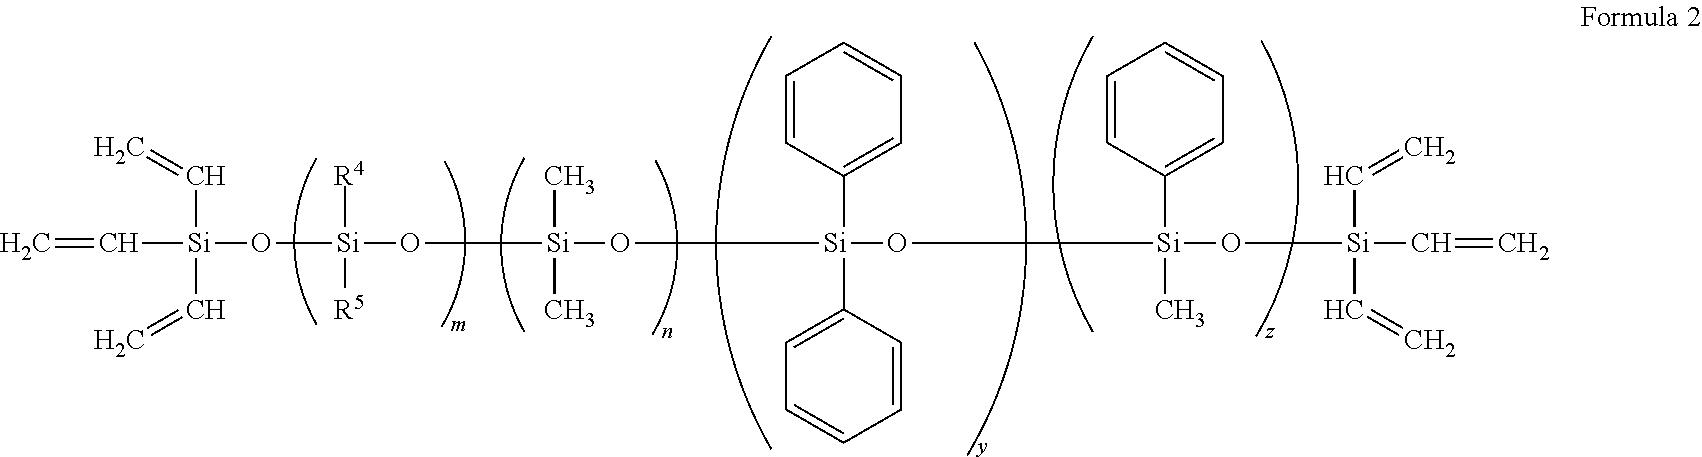 Figure US09534088-20170103-C00002